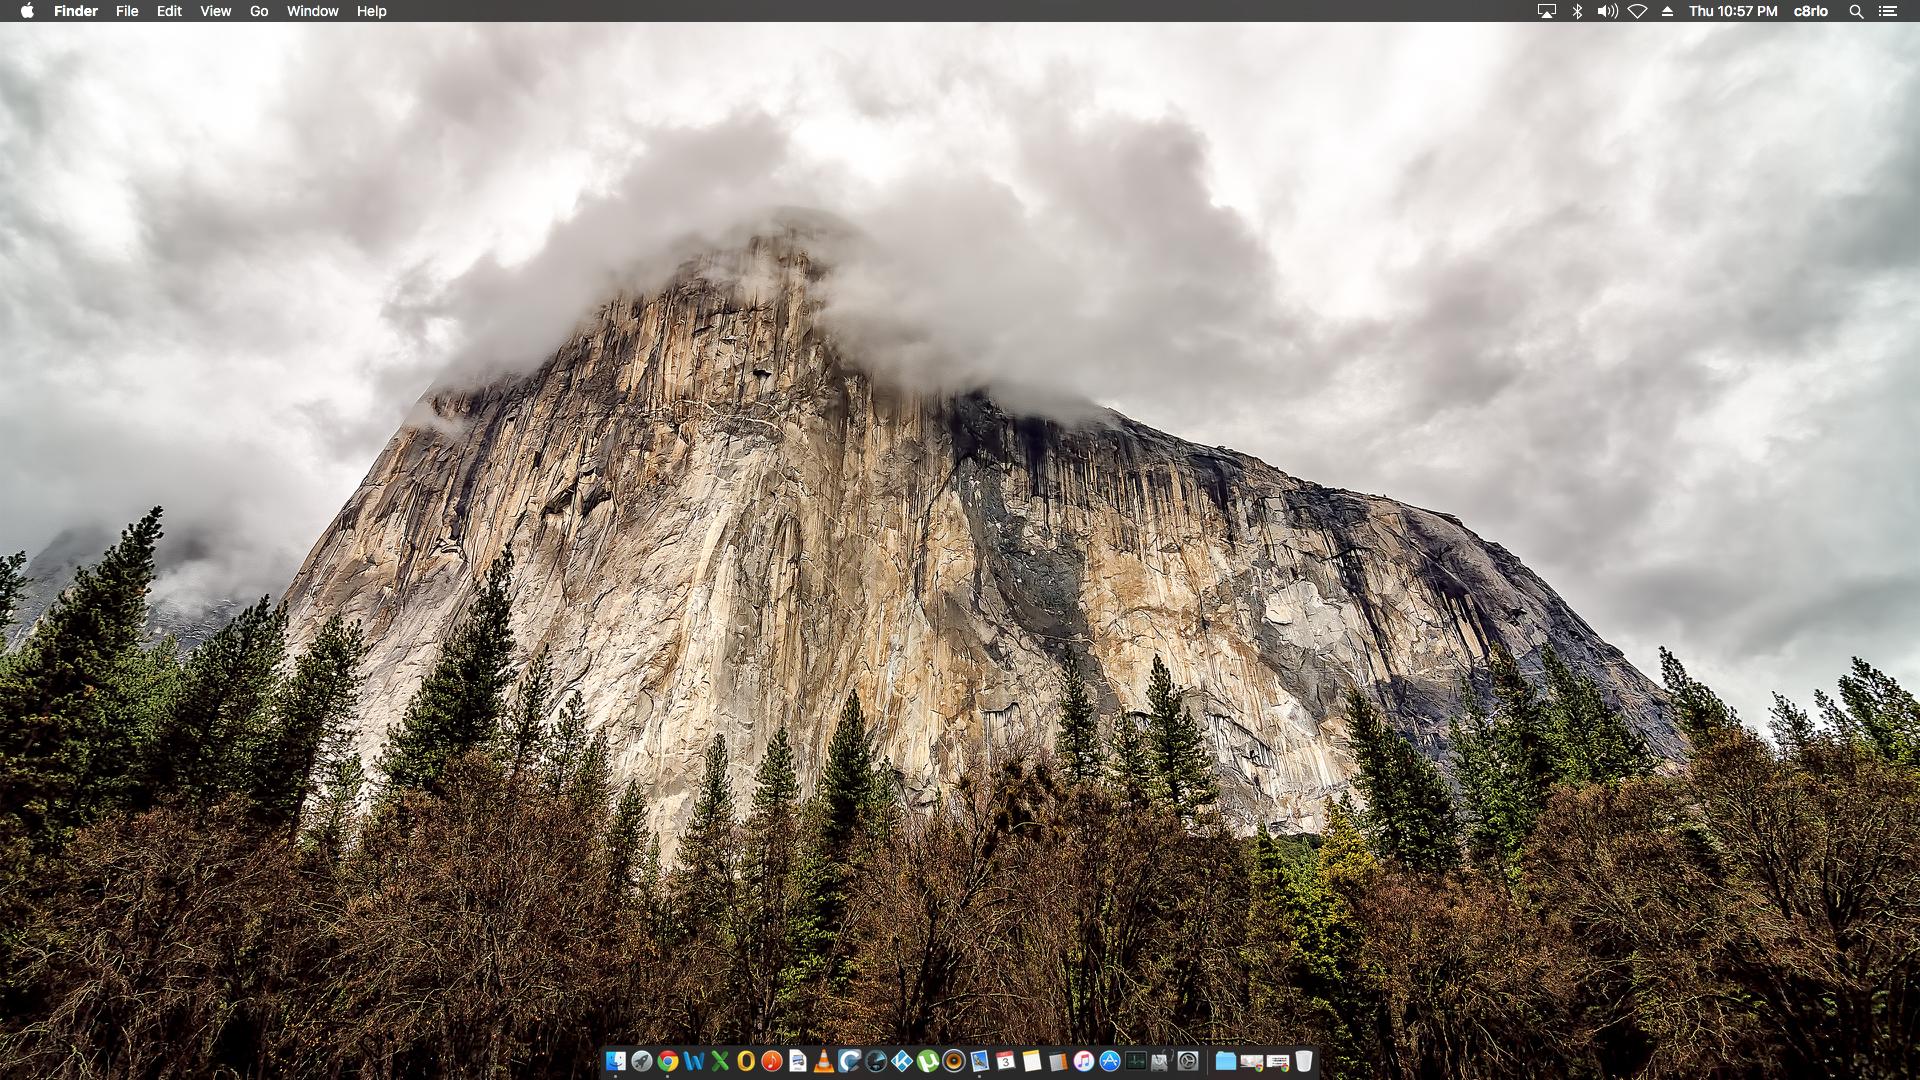 Screen Shot 2015-12-03 at 10.57.05 PM.png